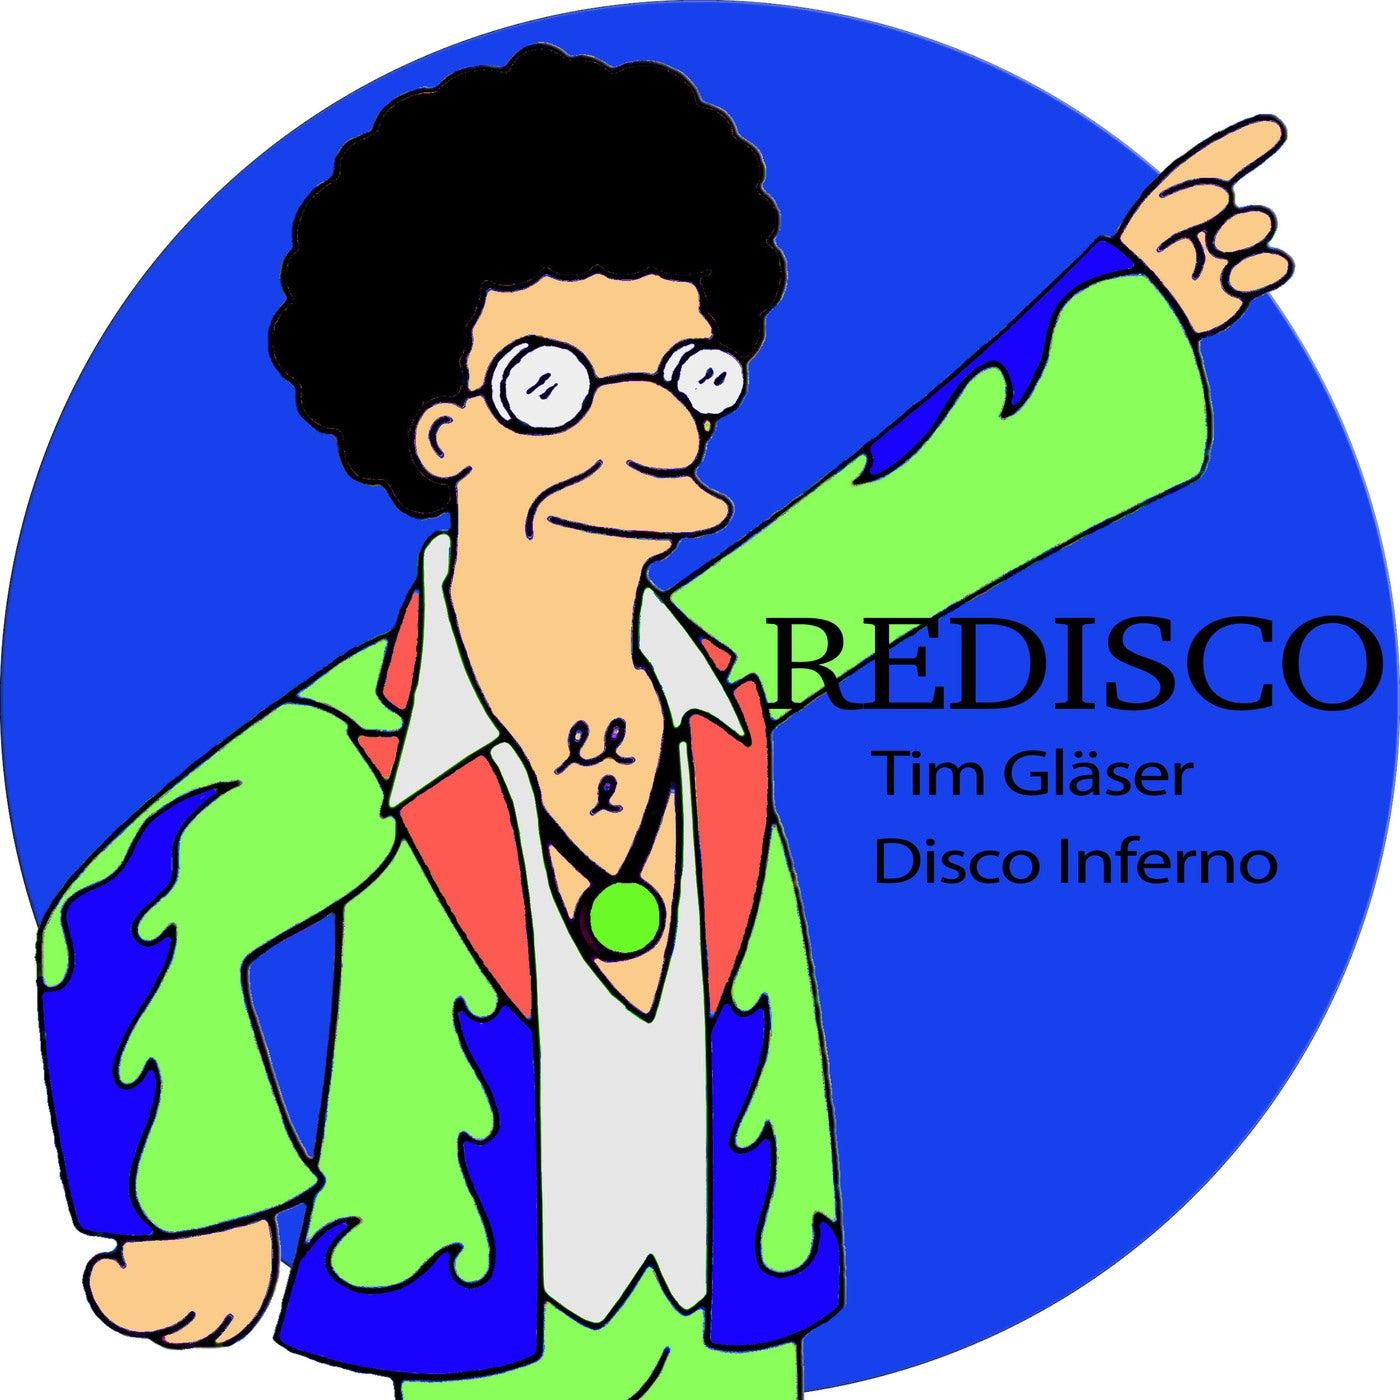 Disco Inferno (Original Mix)